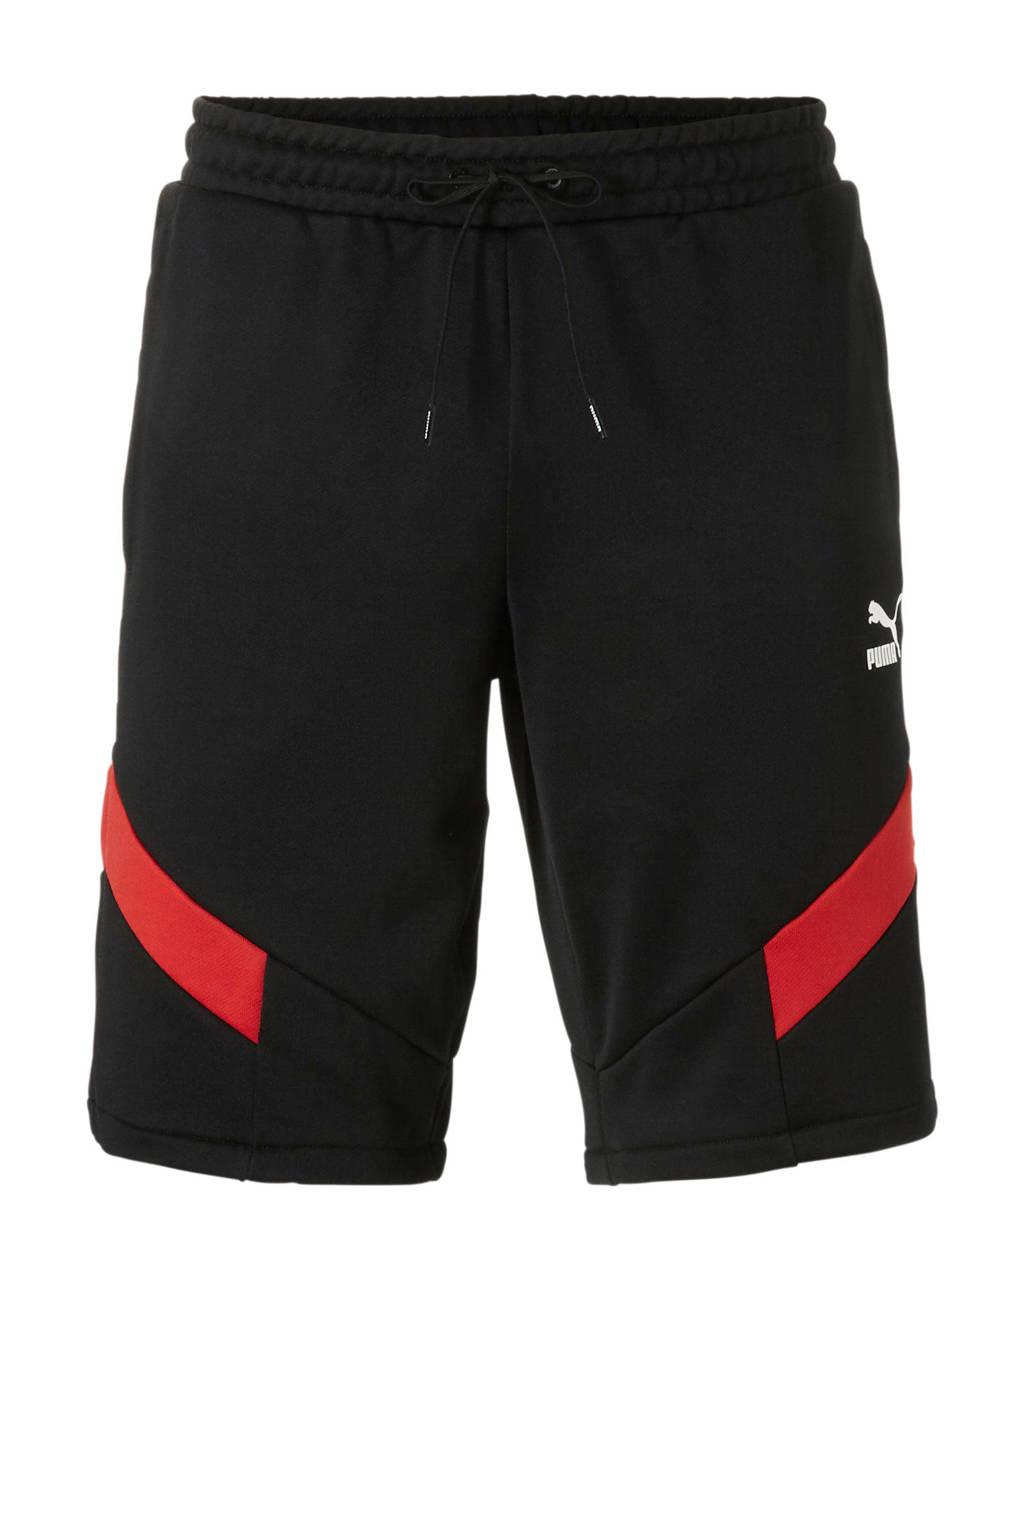 Puma   short zwart/rood, Zwart/rood